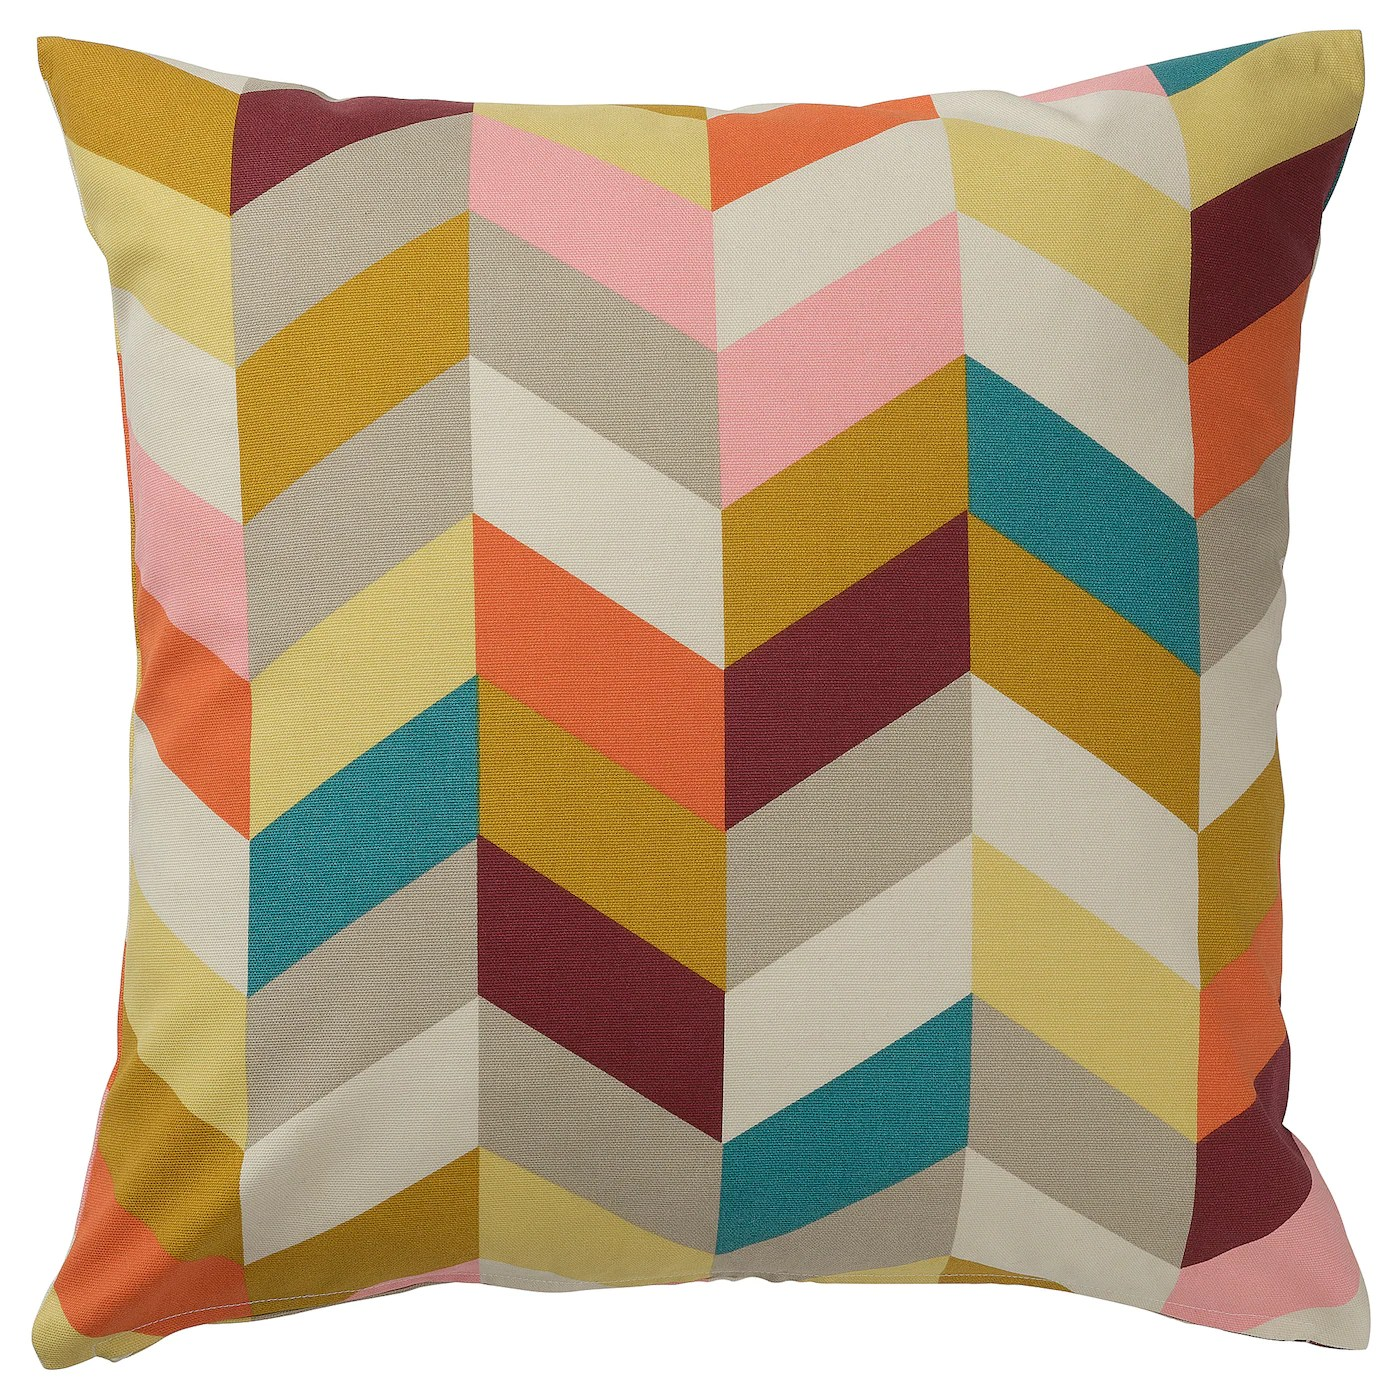 Hannelise Coussin Multicolore 20x20 50x50 Cm Ikea